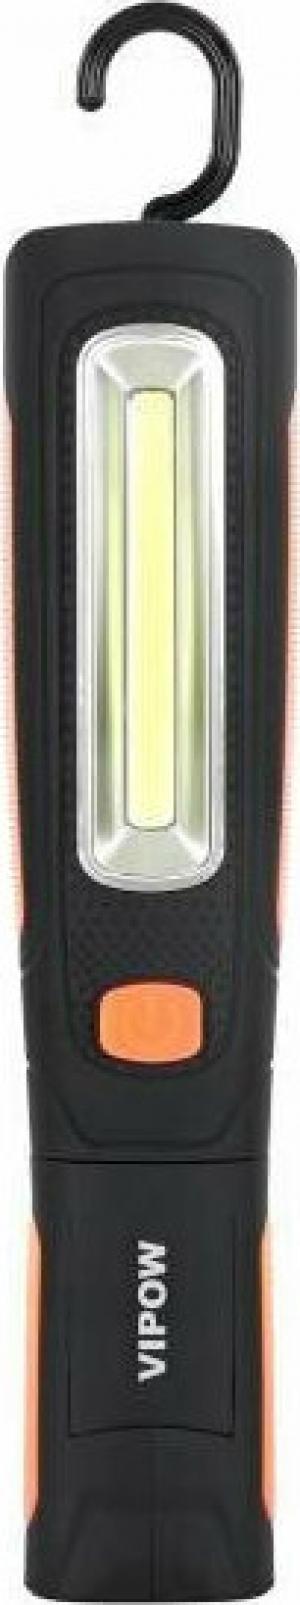 Λαμπτήρας εργαστηρίου με καλώδιο USB - DM-0918